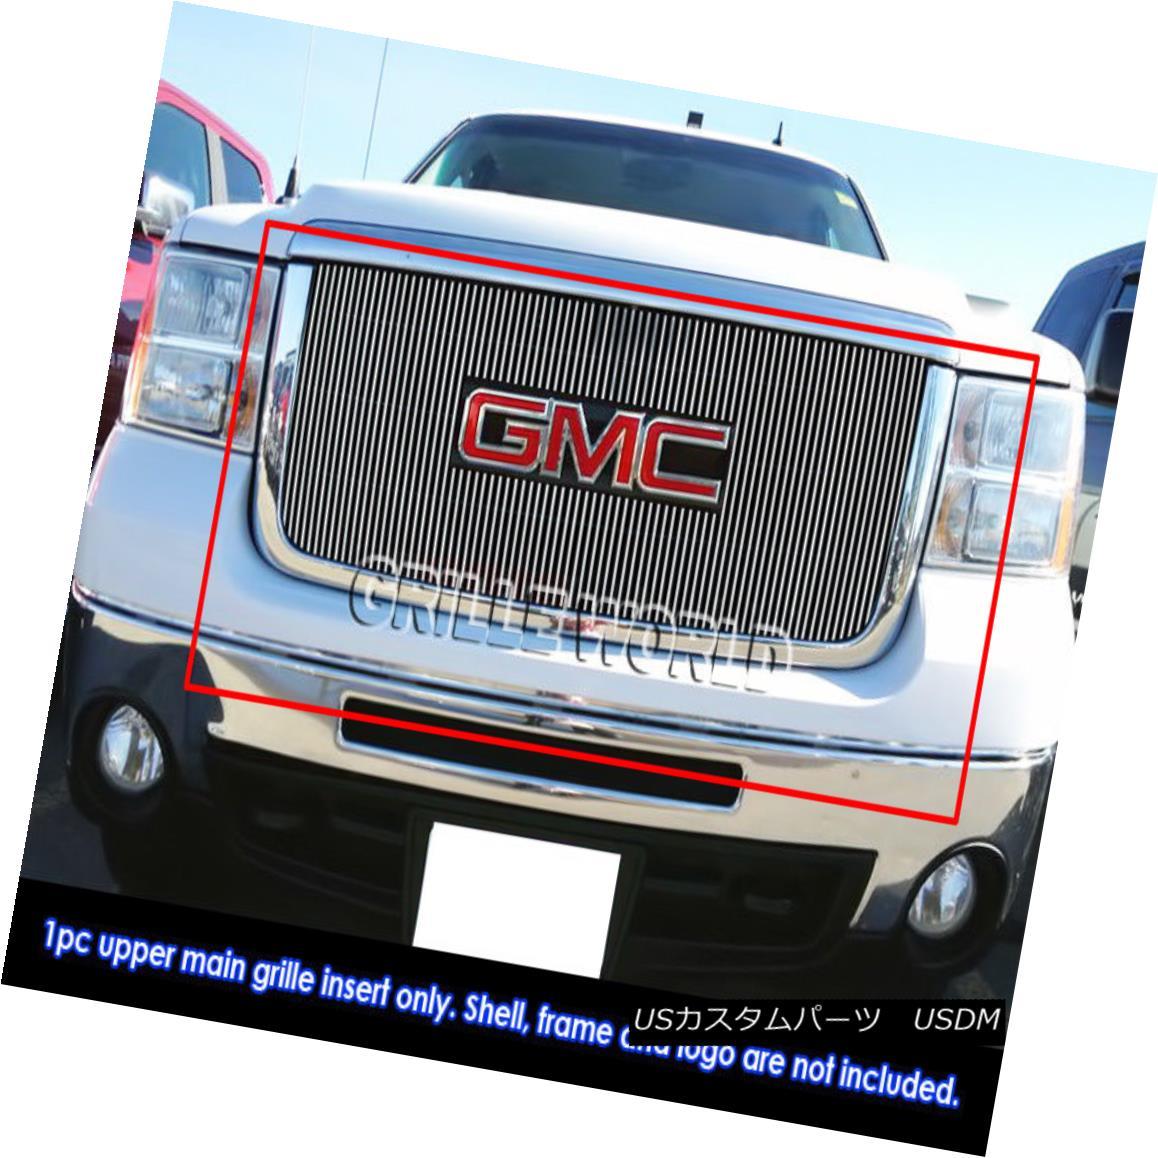 グリル For 07-10 GMC Sierra 2500/3500/HD Vertical Billet Grille 07-10 GMC Sierra 2500/3500 / HD縦型ビレットグリル用